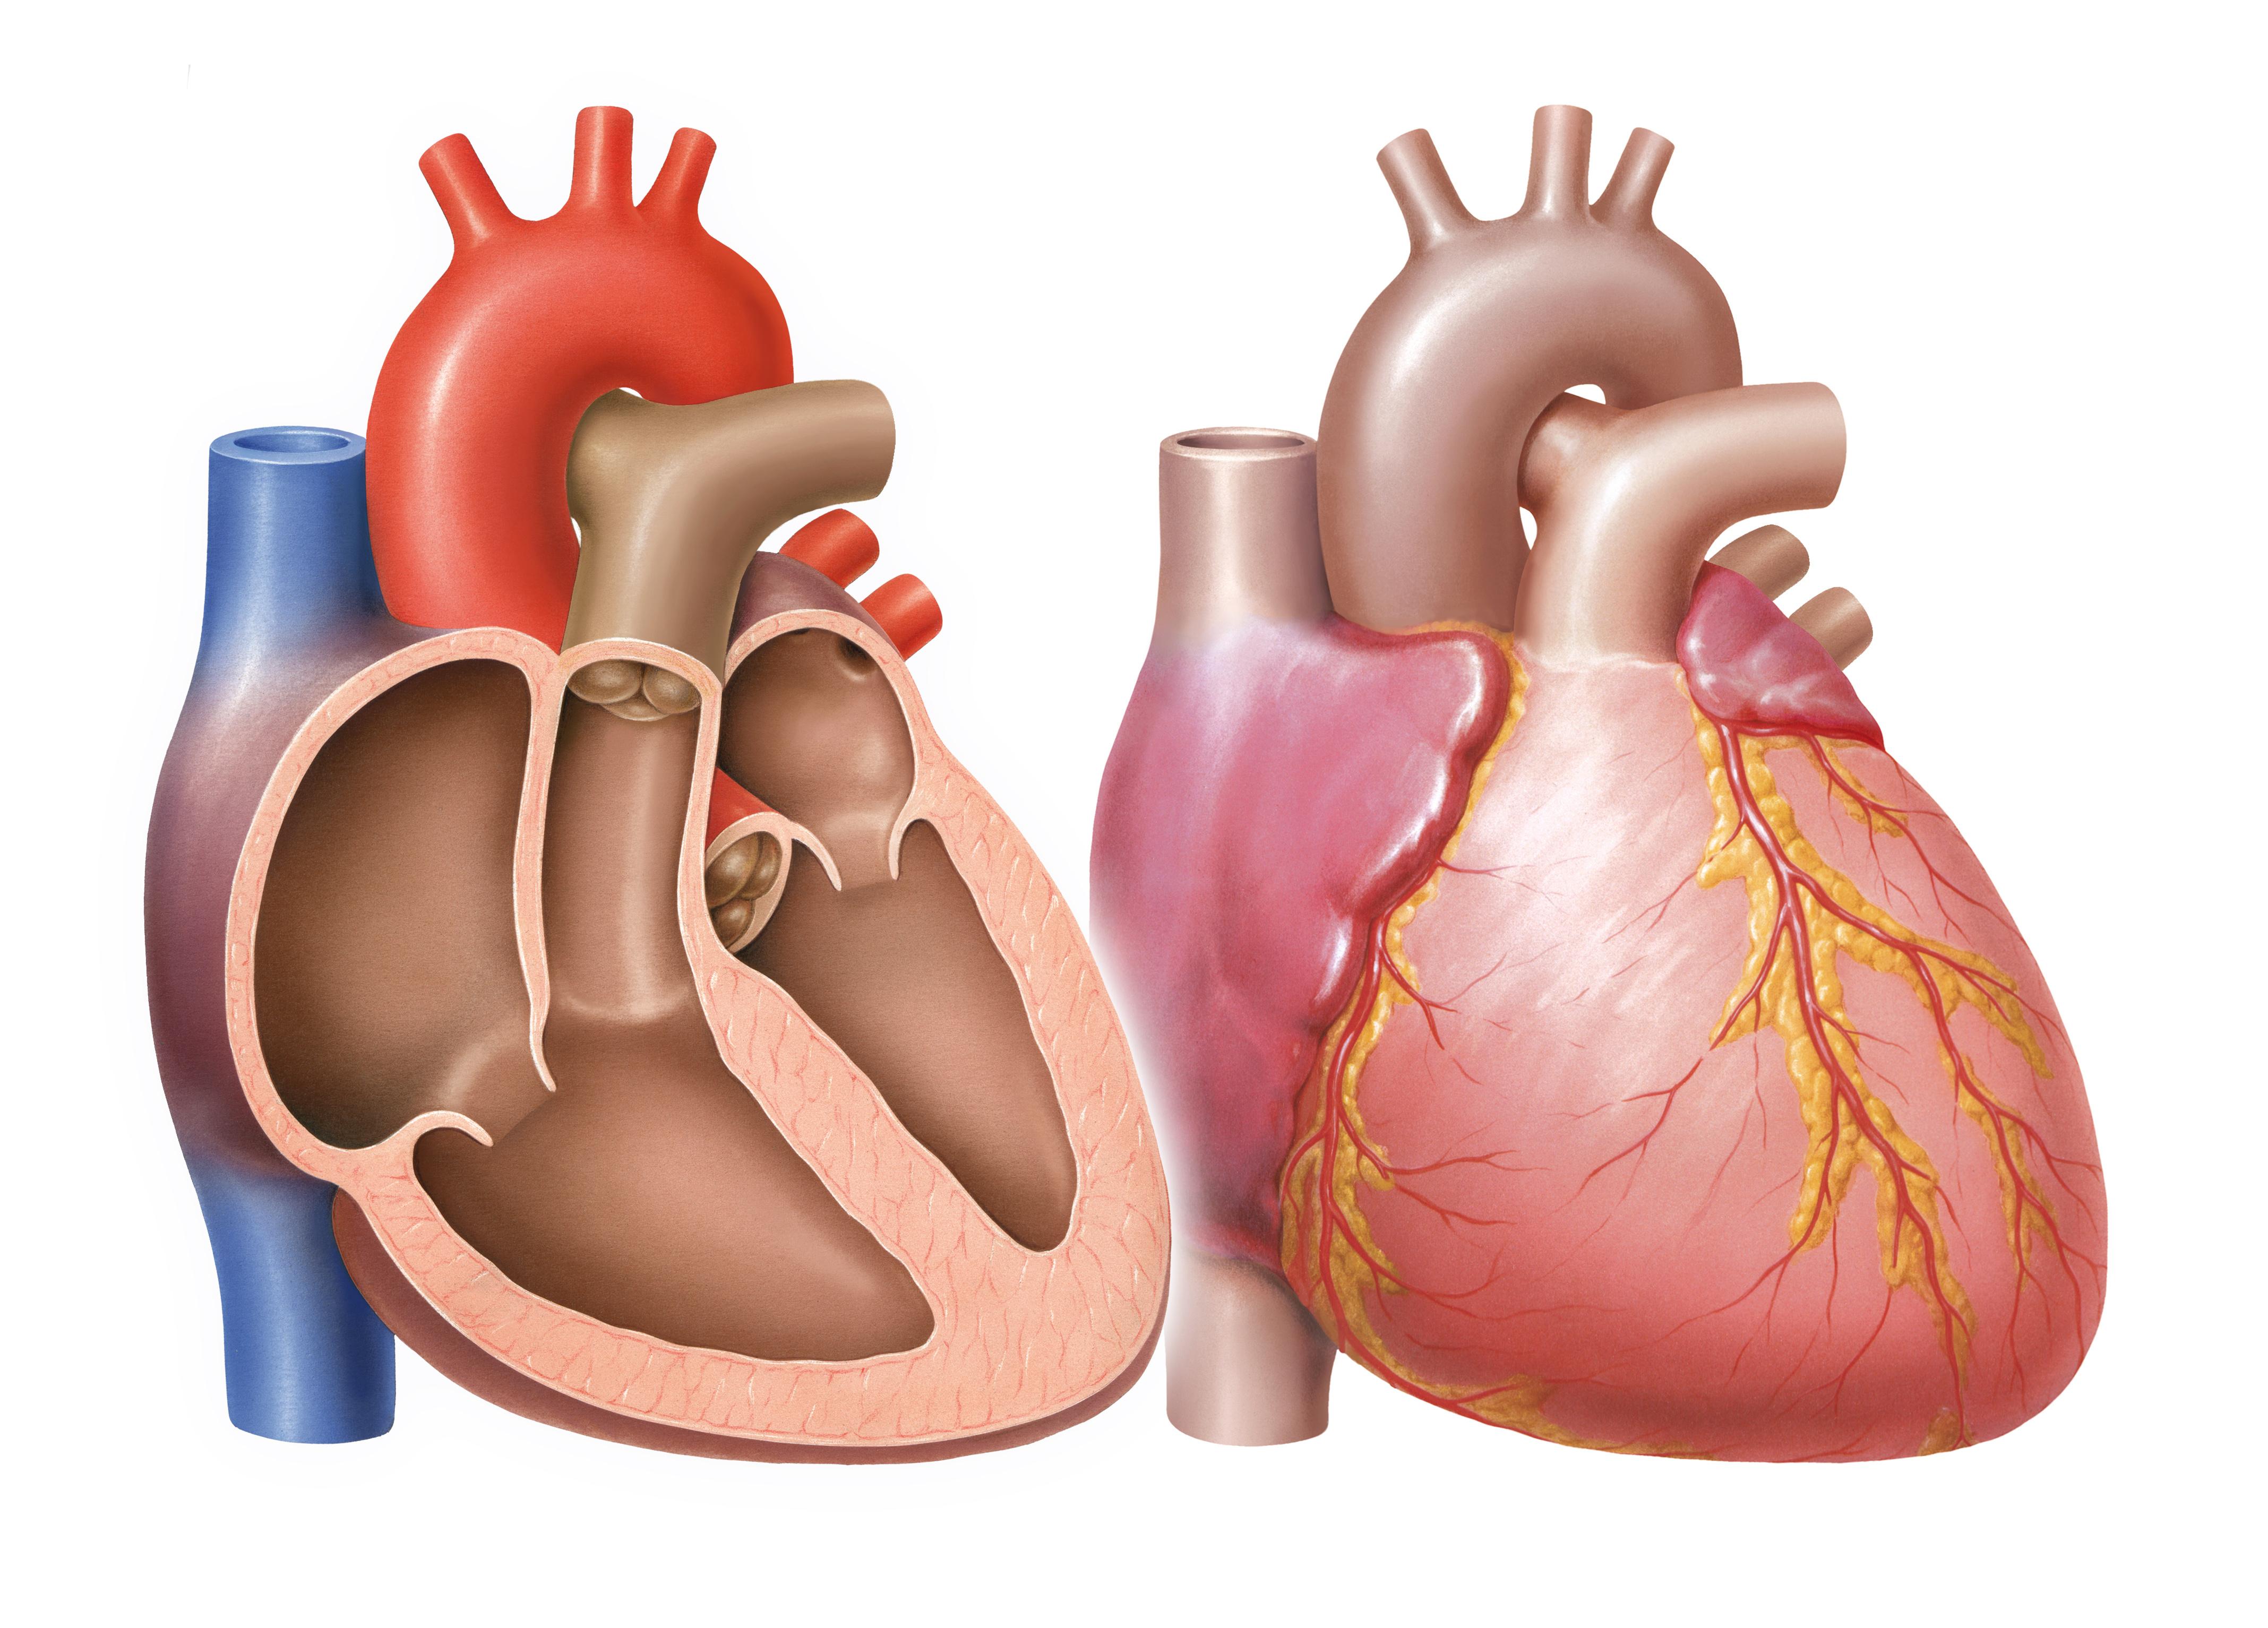 Shs Beteiligt Sich An Herzklappenreparatur Start Up Coremedic